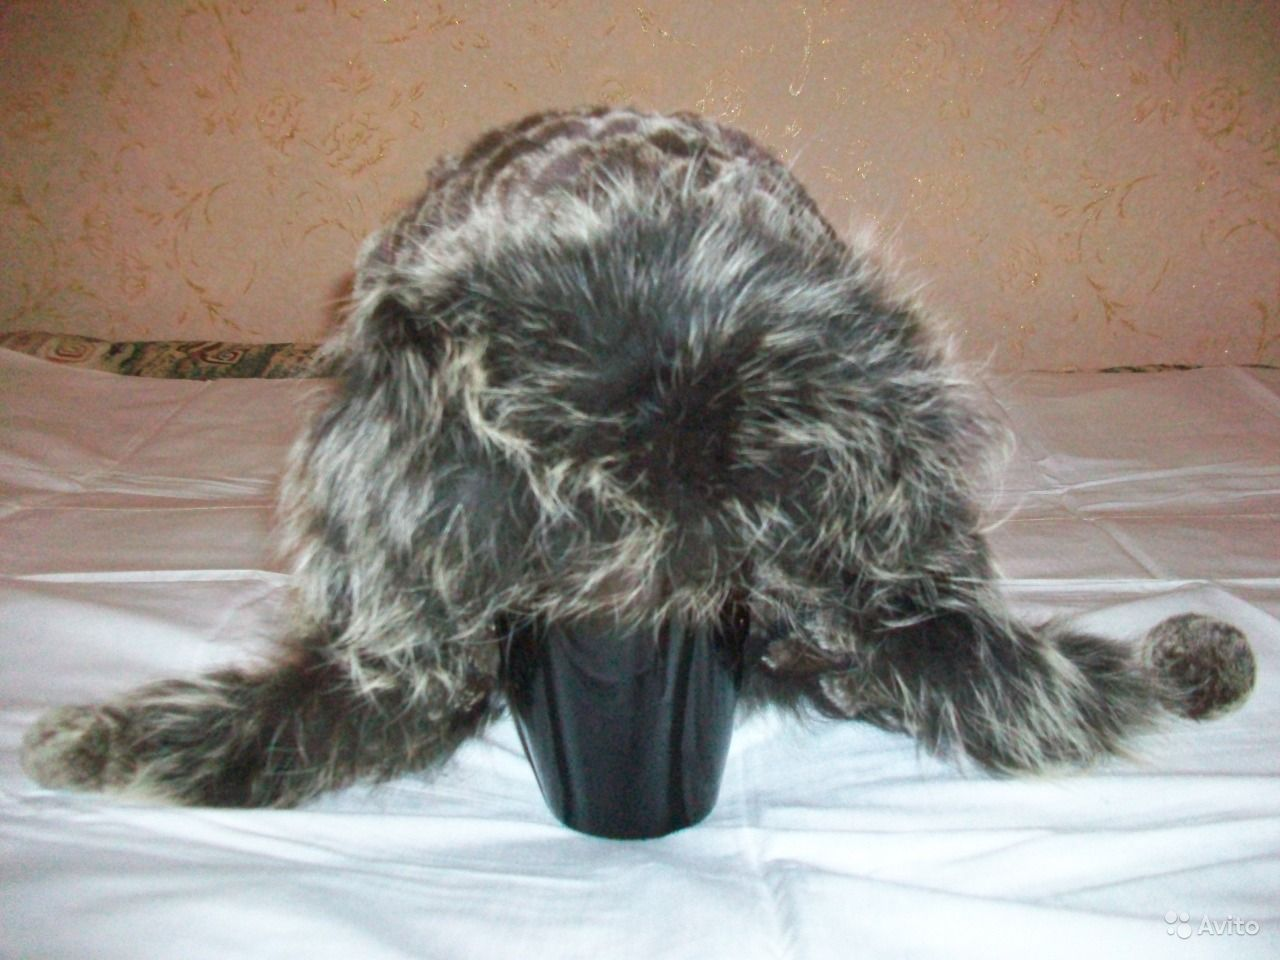 Купить зимнюю обувь для собаки